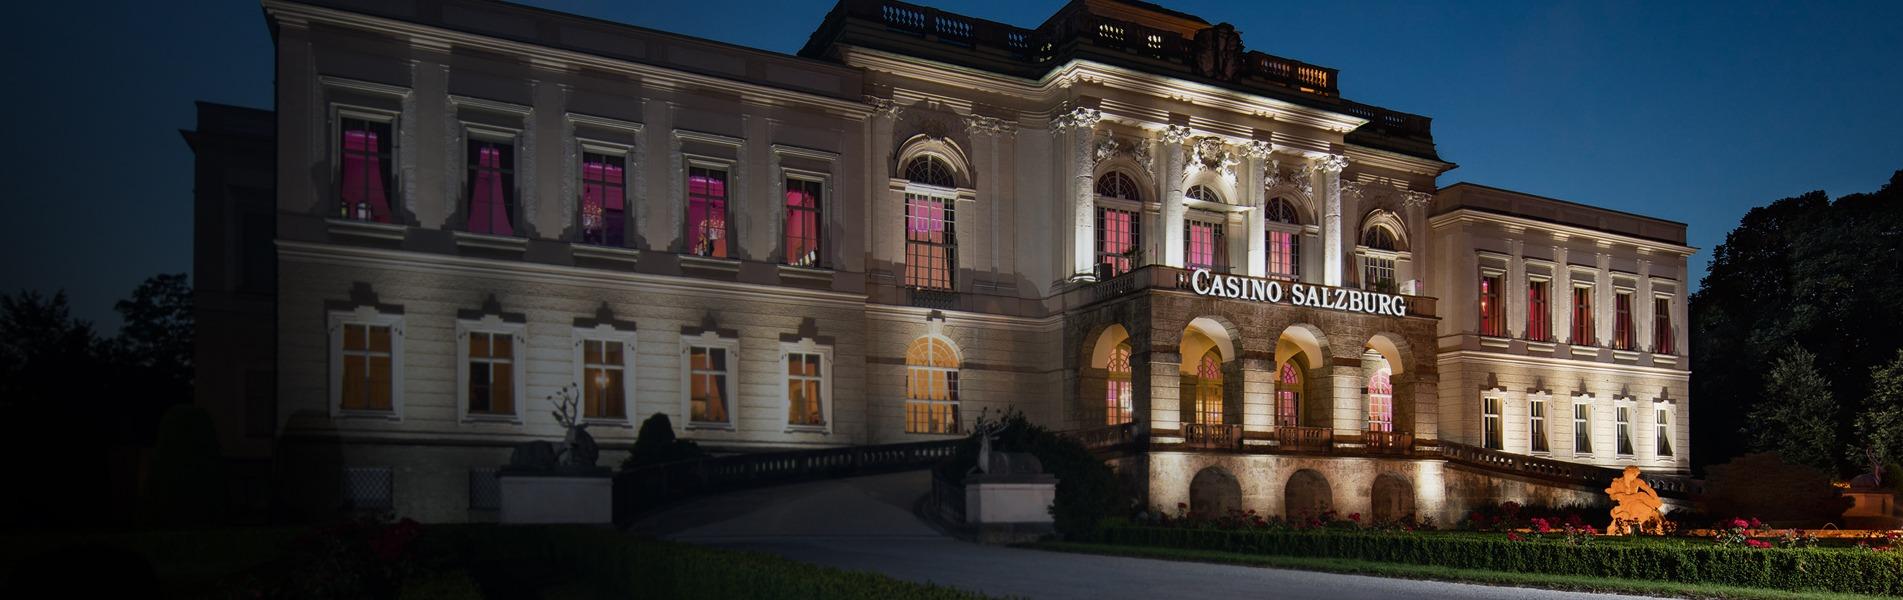 Casino Austria Wien 107580